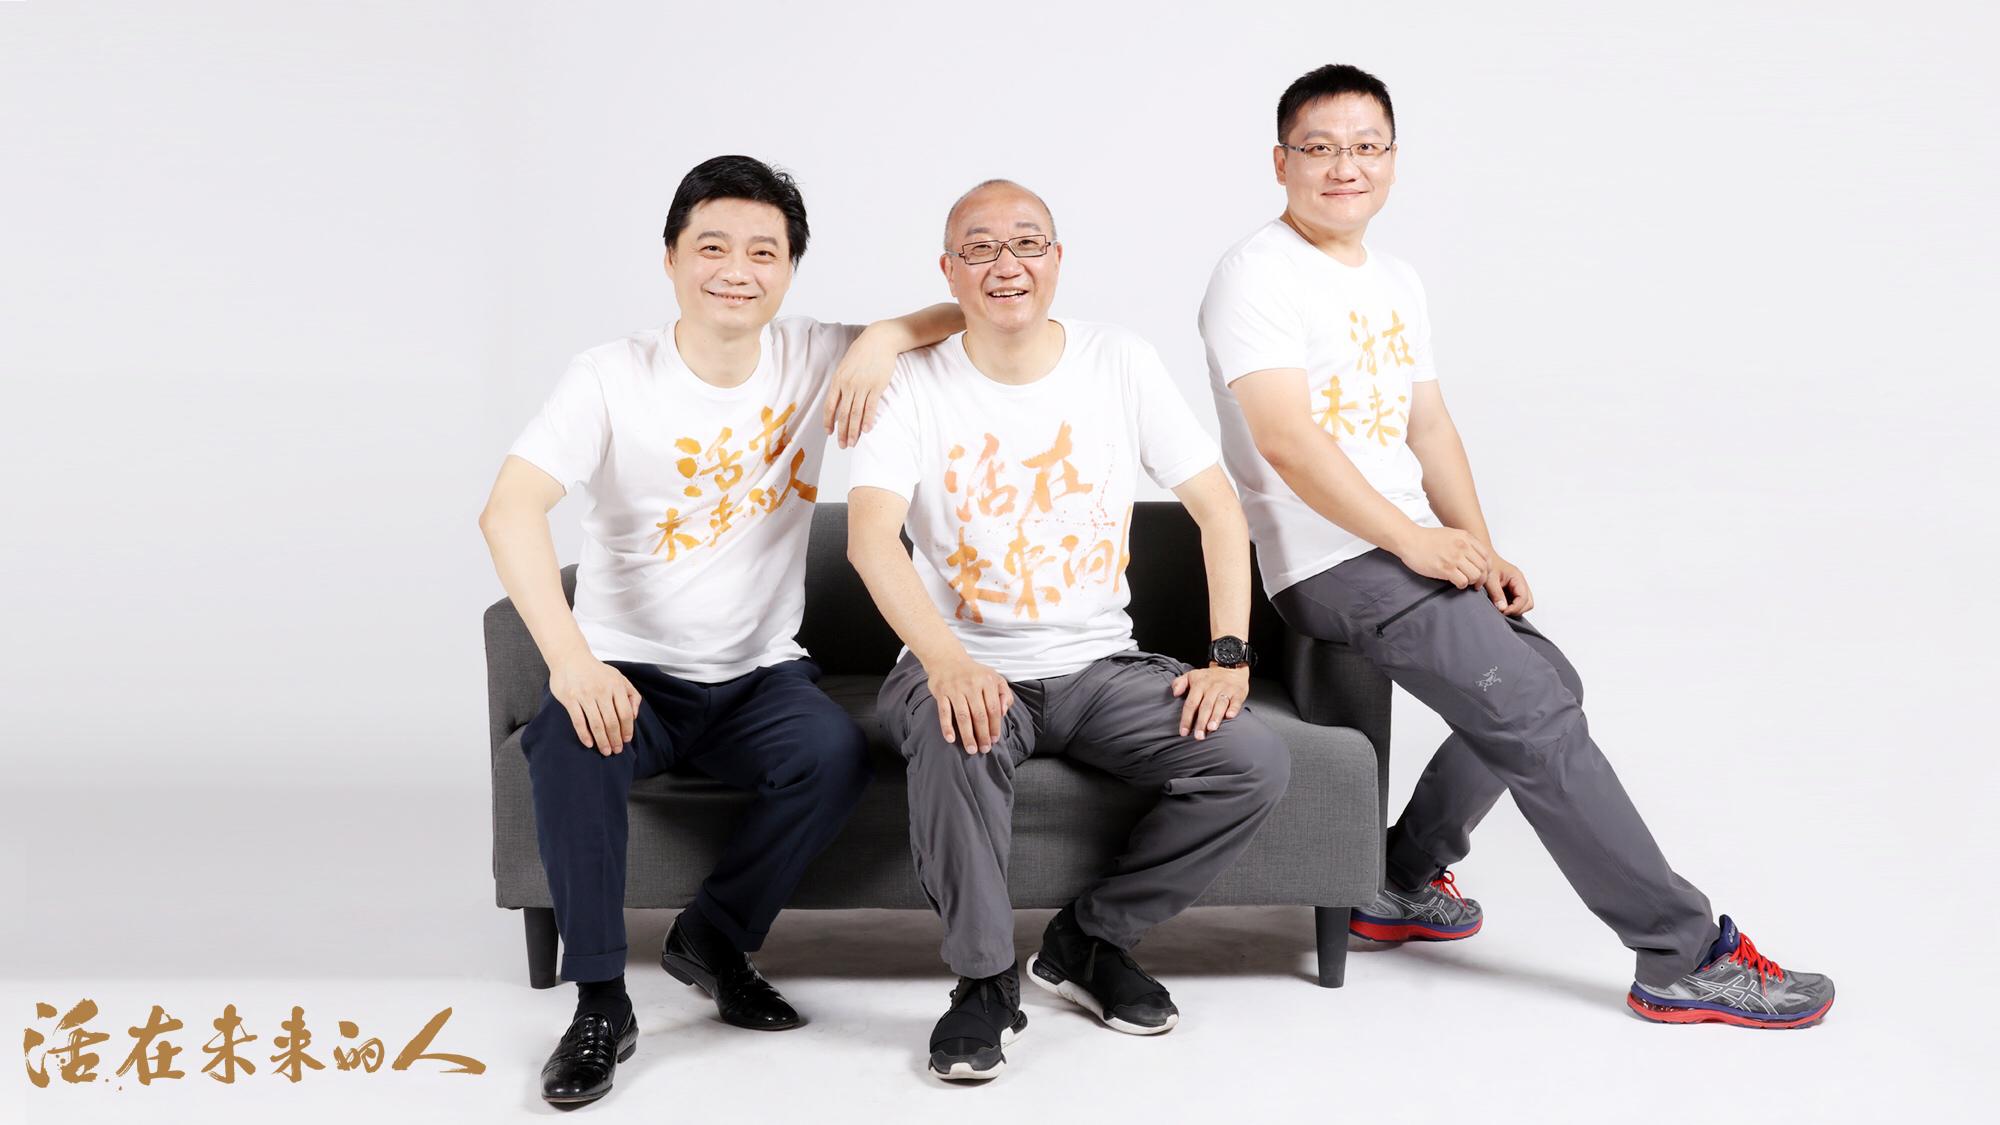 冯仑:成功的企业家往往都是活在未来的